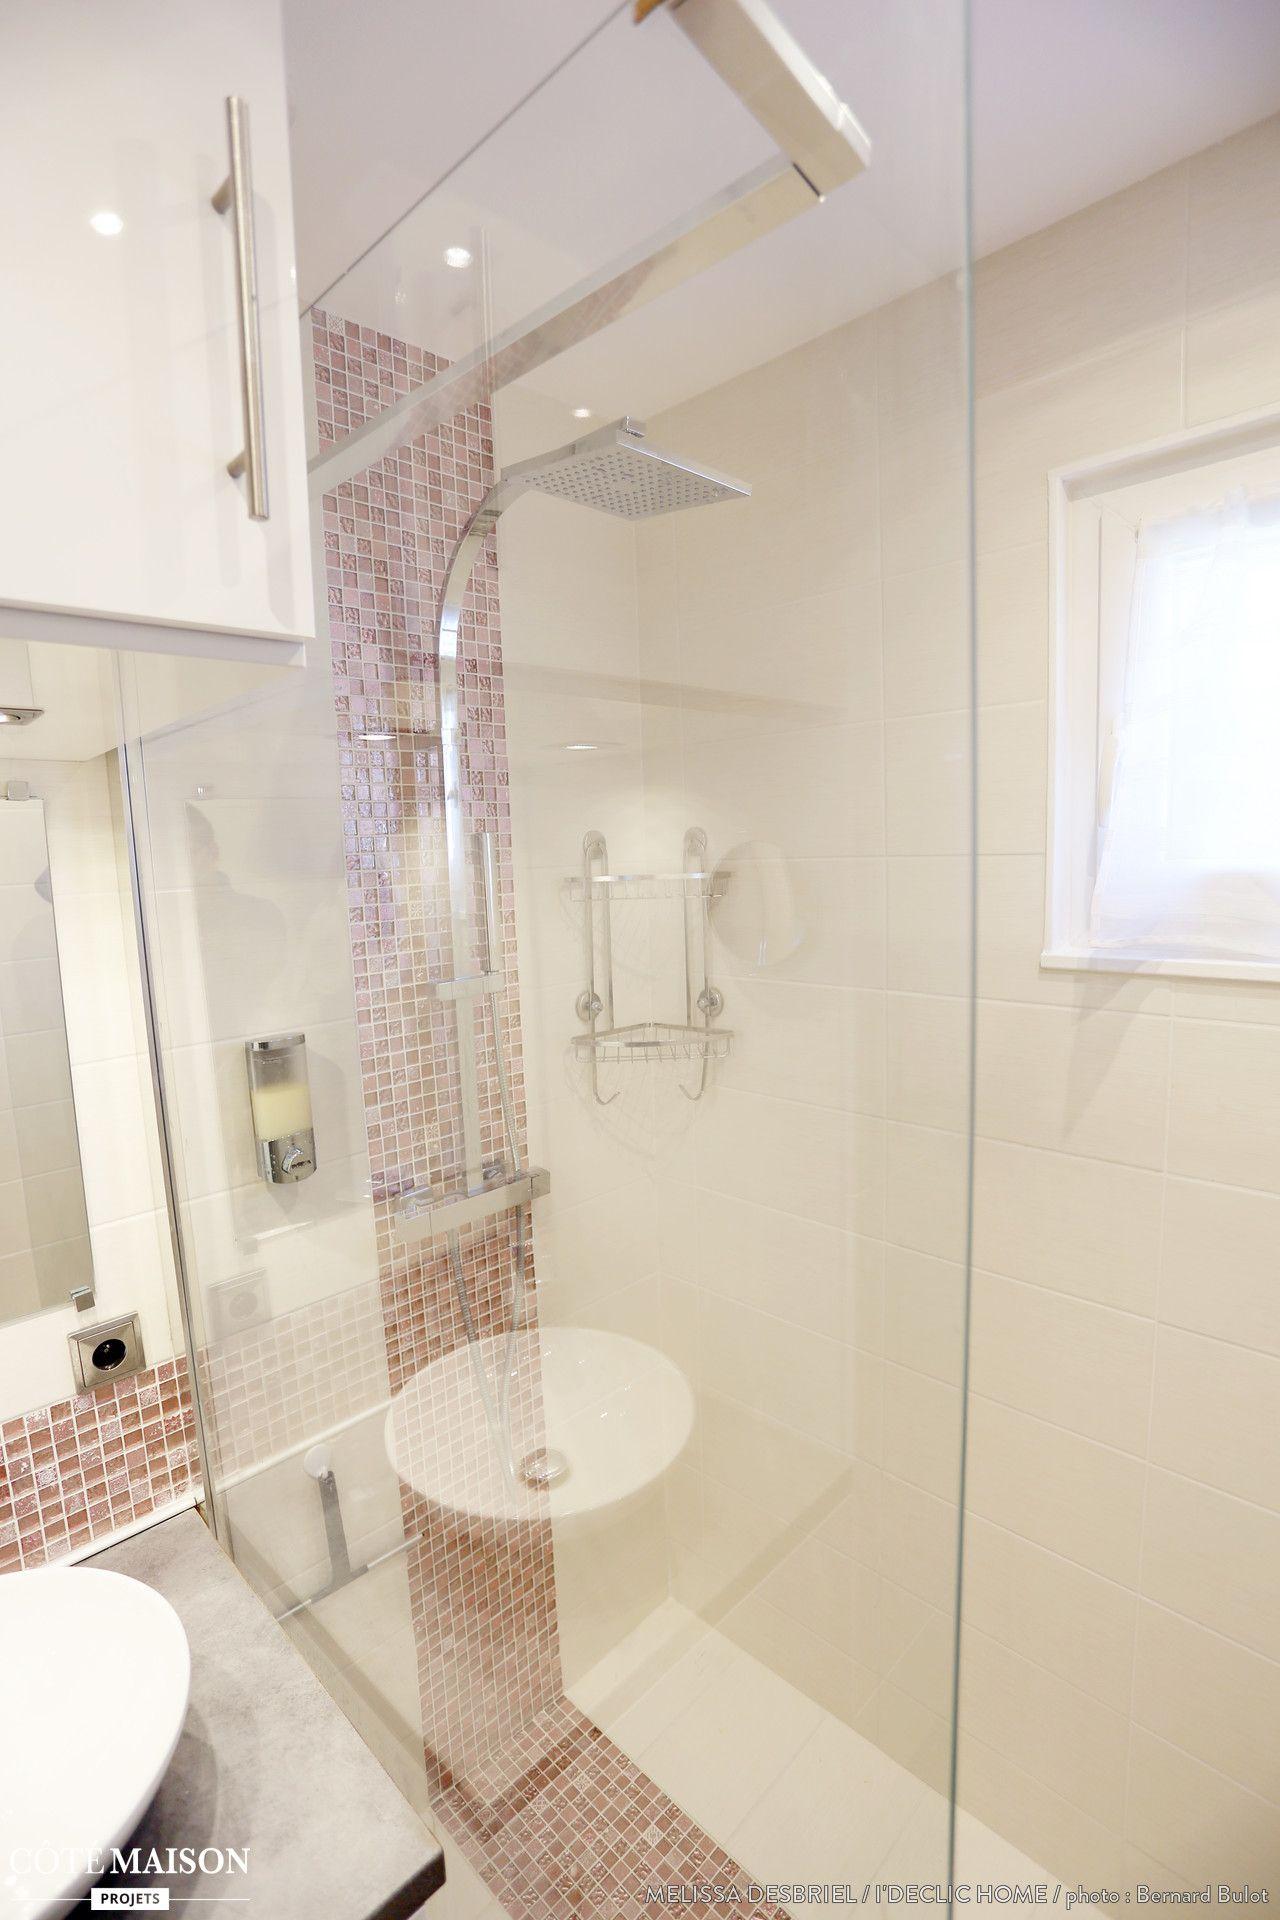 R novation d 39 une salle de bains de 3m2 m lissa desbriel c t maison deco bathroom - Salle de bain 3m2 ...